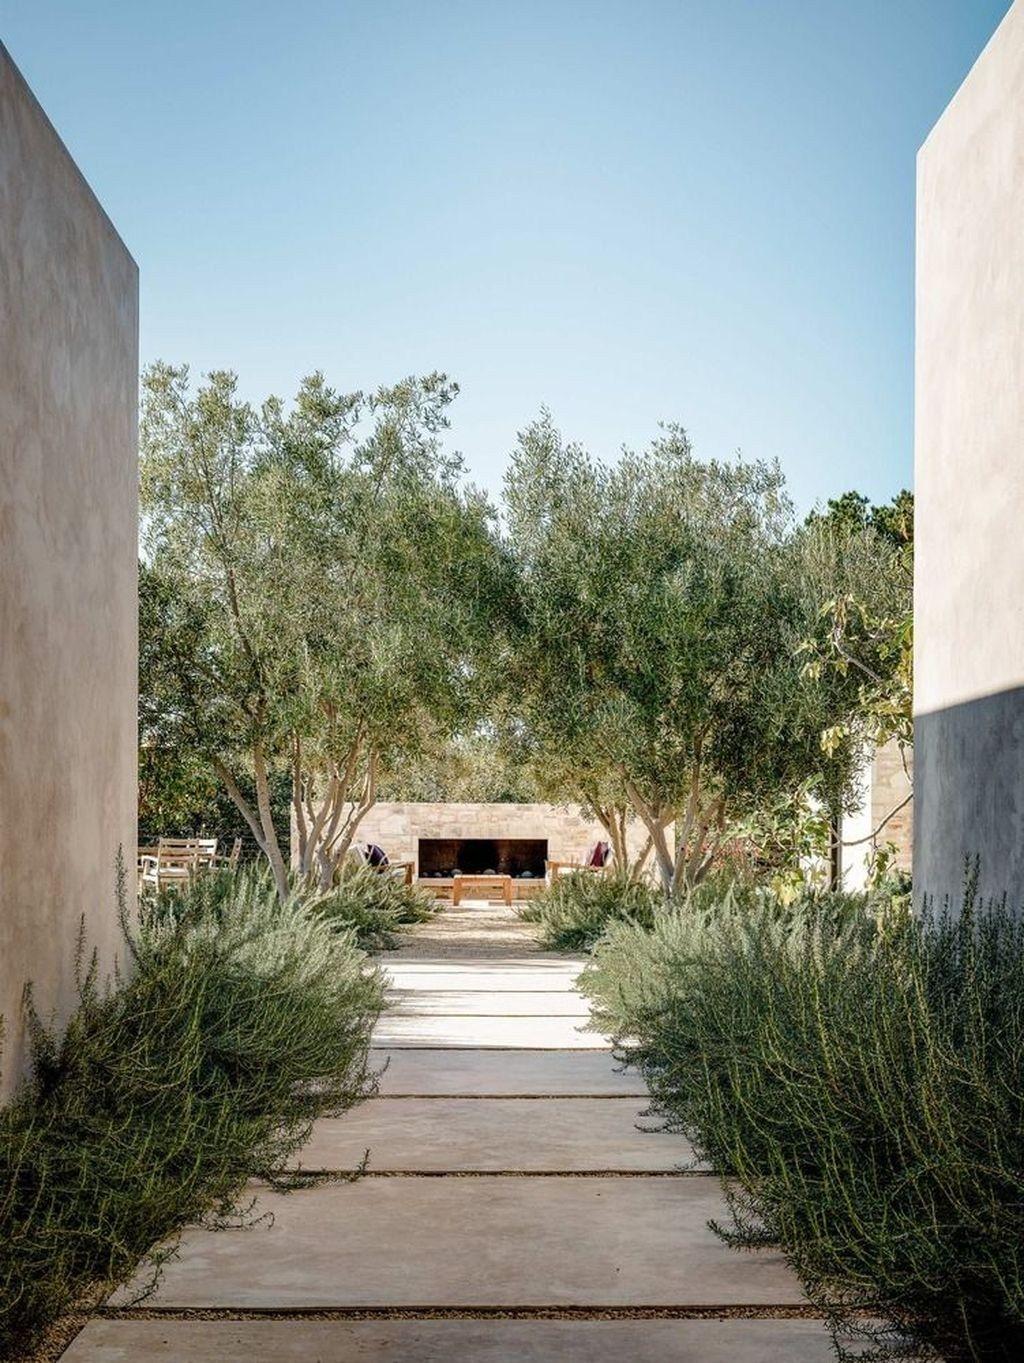 33 Inspirierende Ideen für moderne Landschaftsgestaltung #modernegärten